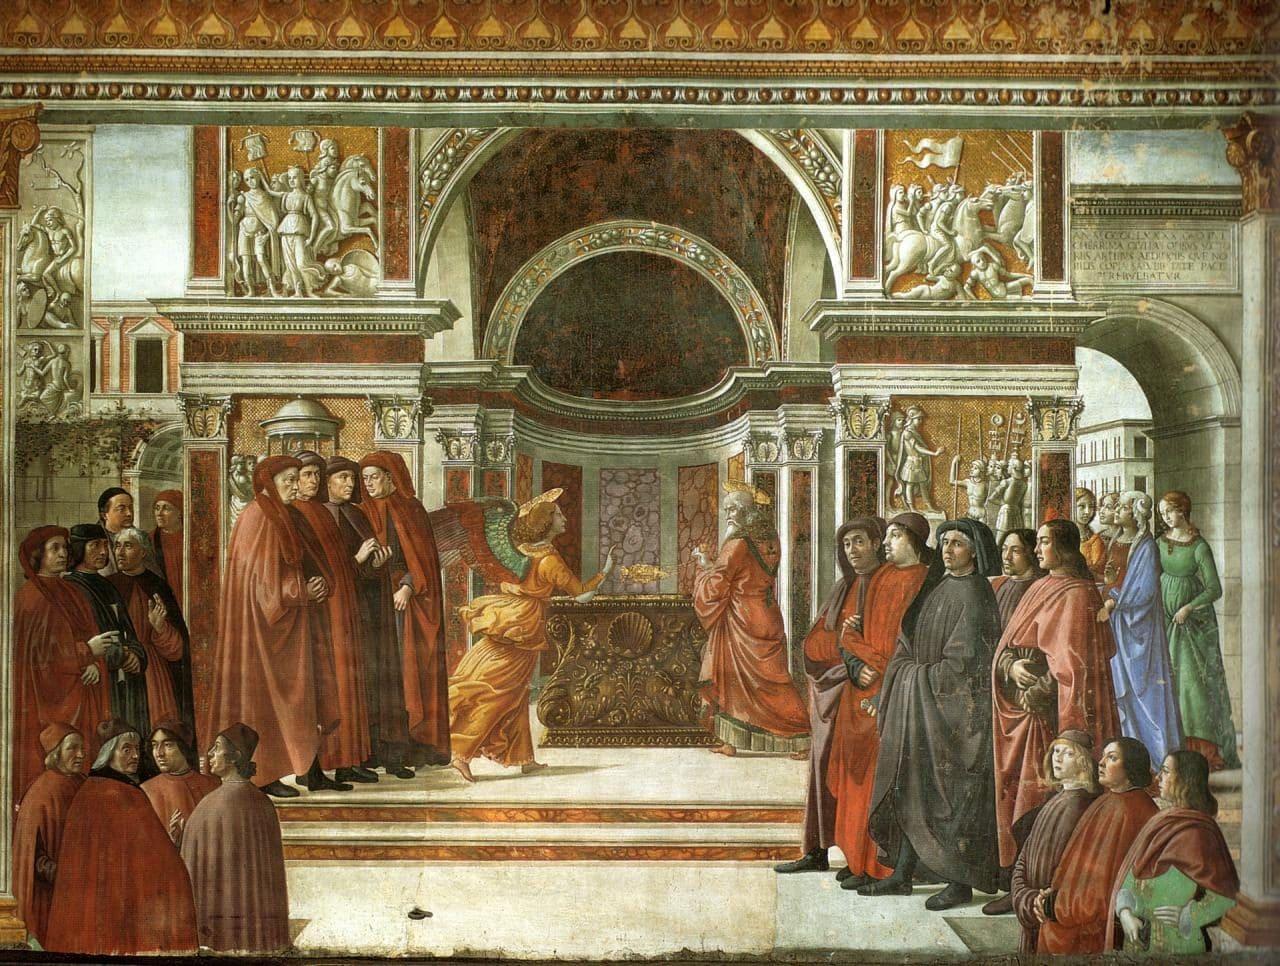 이탈리아 여행, 피렌체, 산타 마리아 노벨라성당, 토르나부오니 예배당(Tornabuoni Chapel), 즈가랴에게 나타난 천사(Apparition of the Angel to St. Zechariah)